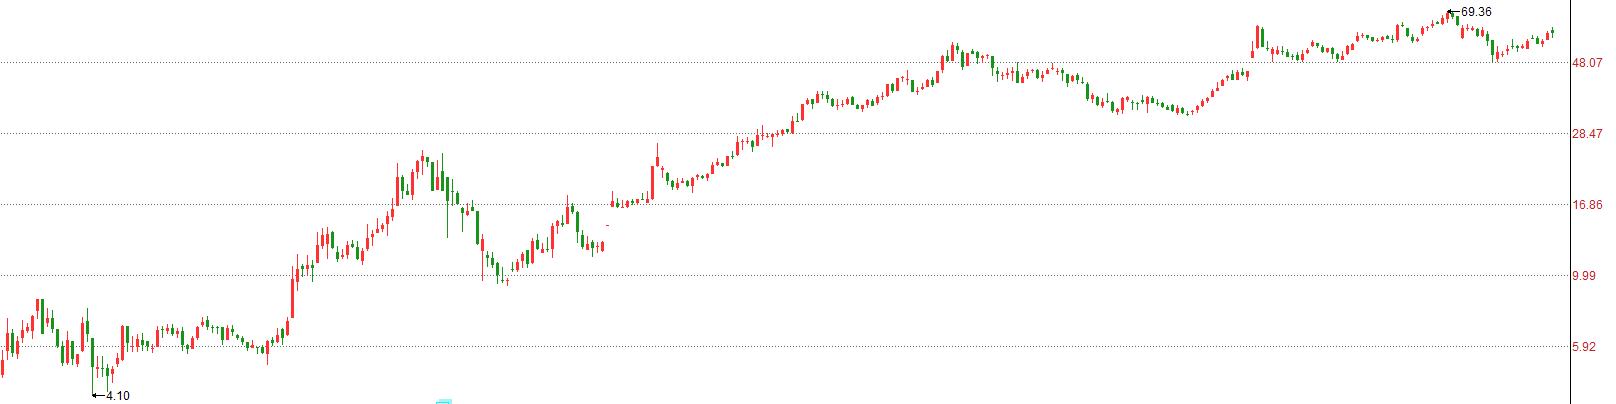 202020年「分红」到账,长期持有格力电器的股票,是怎样的体验?